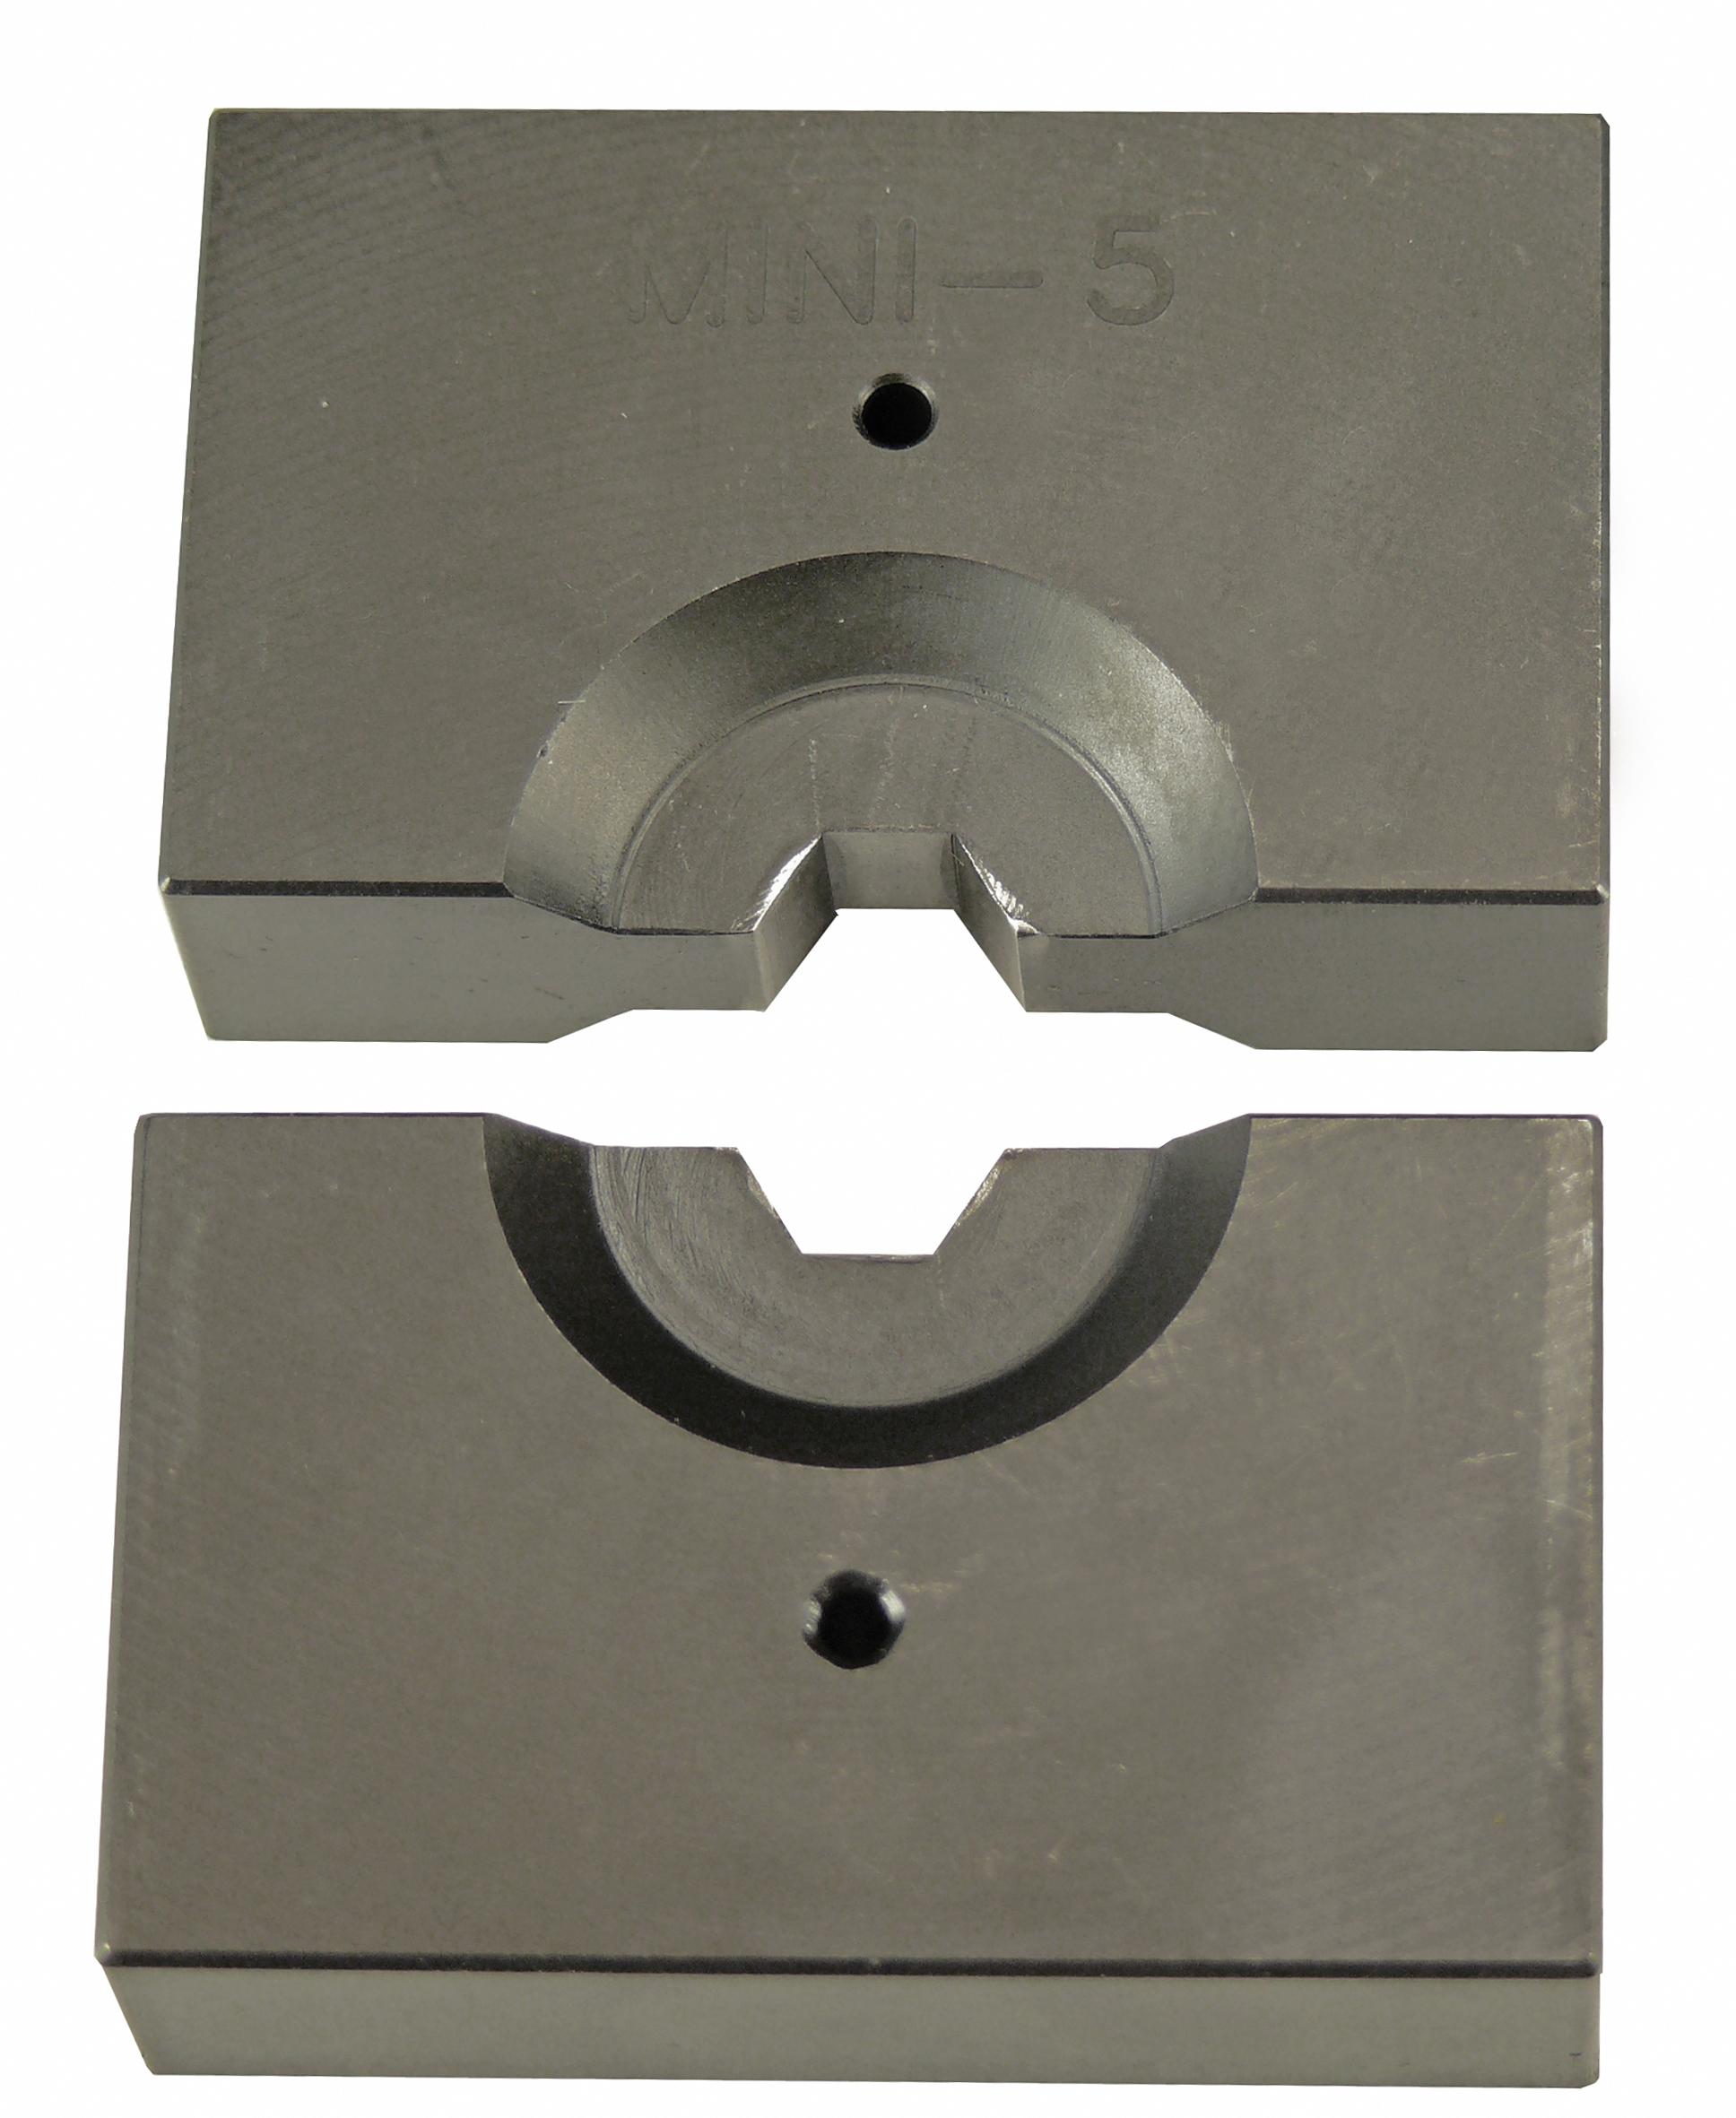 Hydraulische Presszange B12 : Pressbacken für hydr. Presszange B12